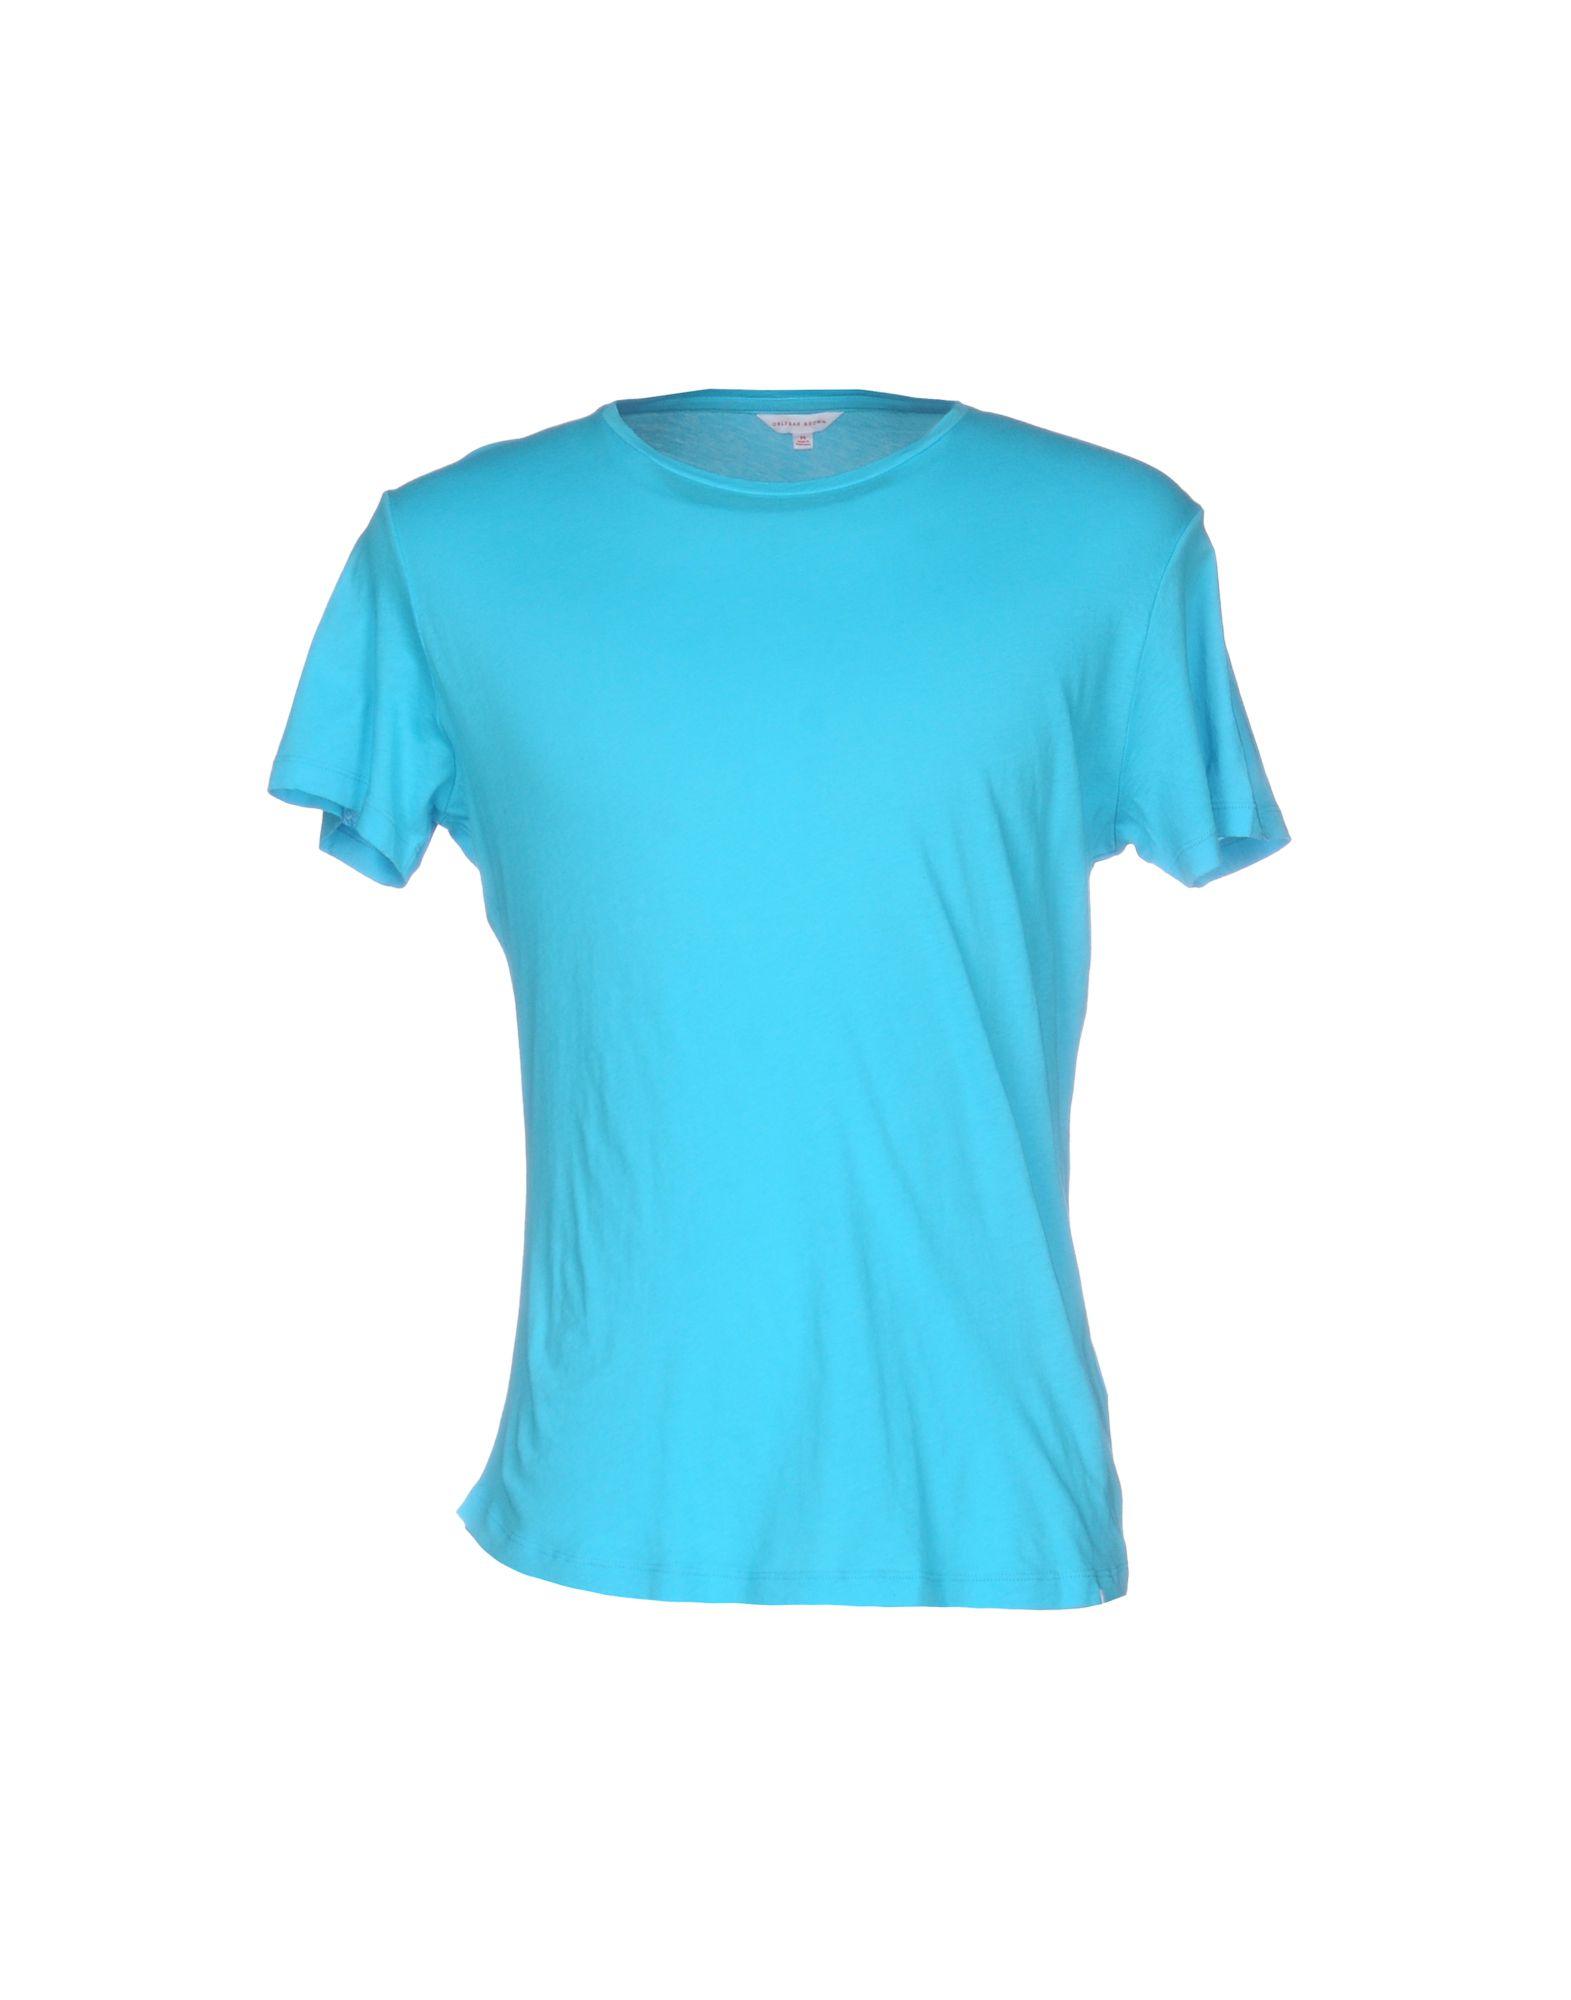 《送料無料》ORLEBAR BROWN メンズ T シャツ ターコイズブルー M コットン 100%